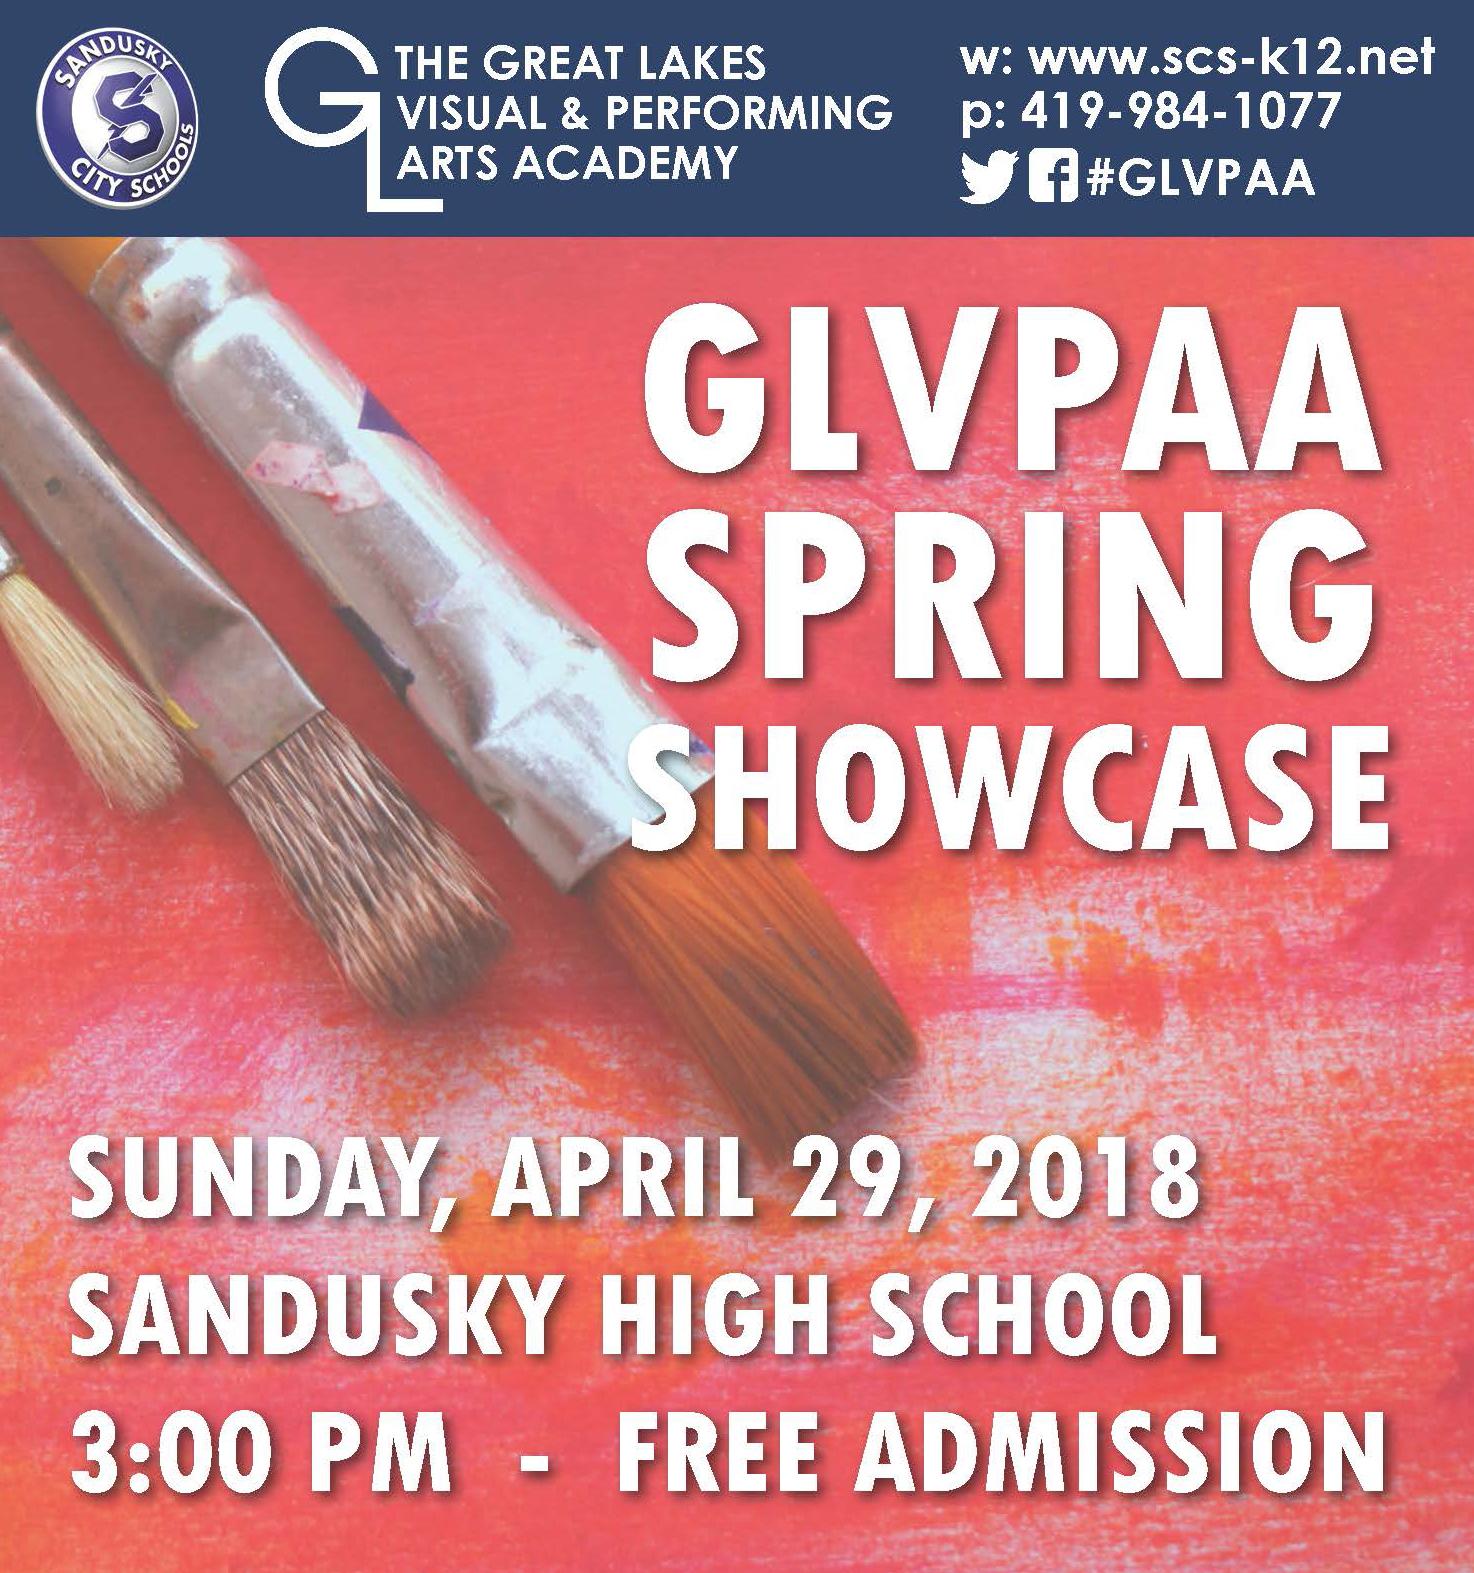 GLVPAA Spring Showcase